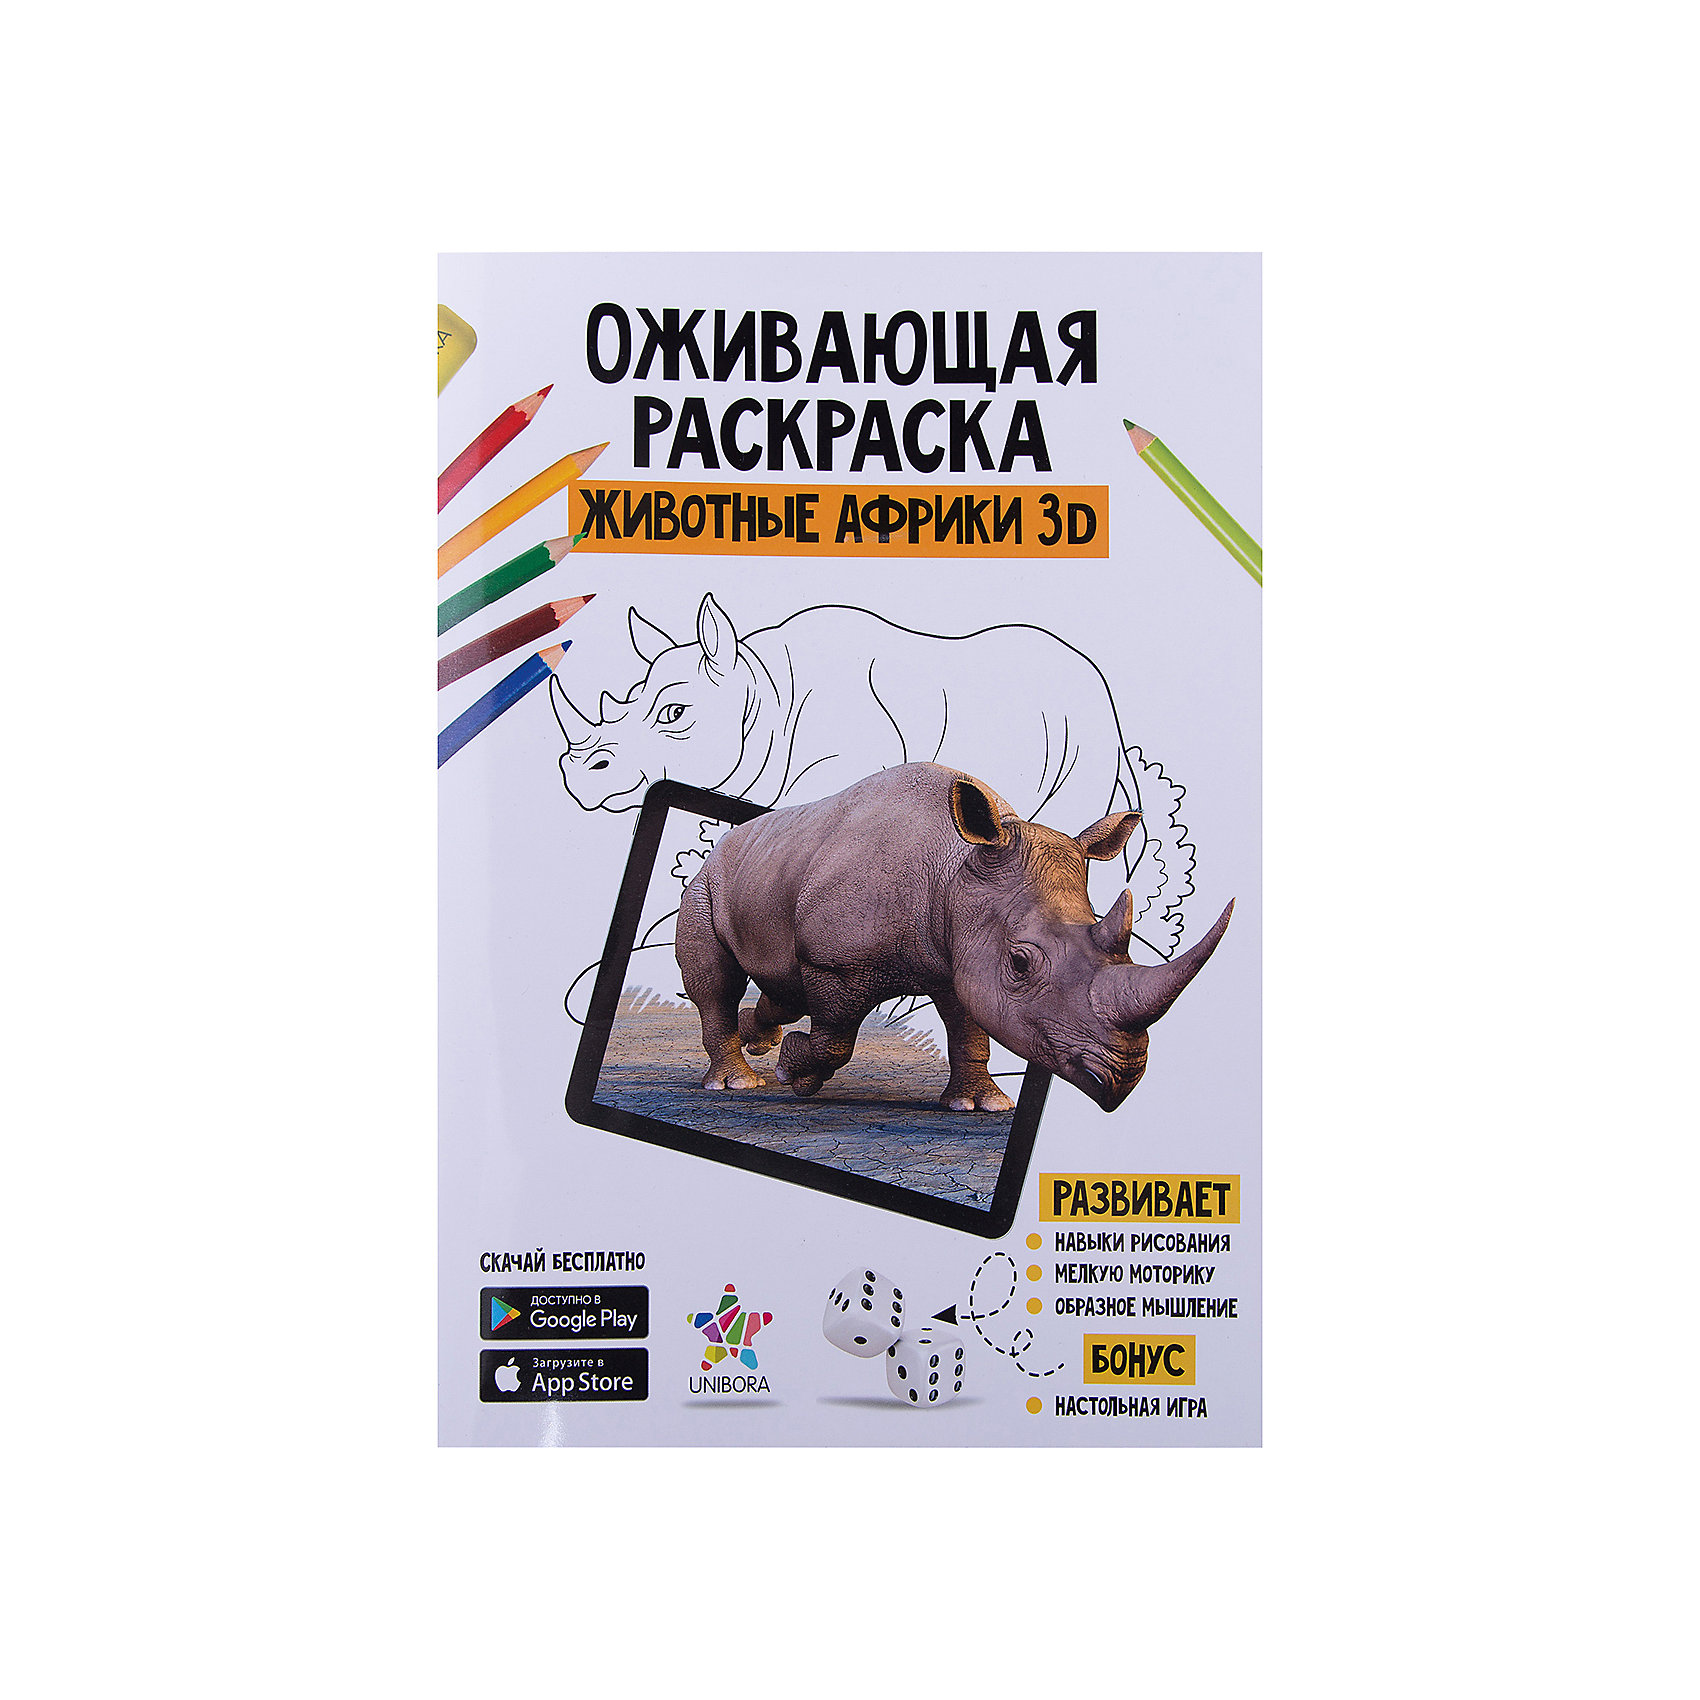 Раскраска с дополненной реальностью Животные Африки, UniboraUnibora<br>Характеристики товара:<br><br>• возраст: от 3 лет;<br>• количество трехмерных моделей: 11;<br>• формат: 21 х 3 х 30 см.;<br>• материал: бумага/картон;<br>• вес: 118 гр.;<br>• бренд: Unibora (Юнибора);<br>• страна обладатель бренда: Россия.<br><br>Увлекательная и оживающая раскраска с «Животные Африки» - это уникальная разработка, совмещающая в себе игру с дополненной реальностью и изобразительное творчество. <br><br>Оживающая раскраска поможет попасть в увлекательное путешествие по диким Джунглям! Маленькие путешественники познакомятся с жирафами и носороги, гориллами и буйволами и многими другими животными жаркого континента. Можно не только расскрасить животных по своему вкусу, но и рассмотреть со всех сторон, услышать их звуки и даже поиграть с ними с помощью вашего мобильного телефона или планшета.<br><br>Инструкция:<br><br>Скачайте и откройте бесплатное приложение Unibora Africa на вашем мобильном устройстве или планшете через Appstore или GooglePlay. Активируйте код ( код расположен на обратной стороне книжки раскраски) и наведите ваше устройство на страницу раскраски.<br><br>В книжке вы найдете:<br>• 11 рисунков для раскрашивания <br>• 11 персонажей в 3D-графике высокого качества: играйте с ними и делайте удивительные фото! <br>• Бонус: Настольная игра с оживающими фишками на цветном развороте!<br><br>Раскраску с дополненной реальностью «Животные Африки», 11 трехмерных моделей, Unibora (Юнибора) можно купить в нашем интернет-магазине.<br><br>Ширина мм: 30<br>Глубина мм: 210<br>Высота мм: 297<br>Вес г: 118<br>Возраст от месяцев: 12<br>Возраст до месяцев: 144<br>Пол: Унисекс<br>Возраст: Детский<br>SKU: 6722035